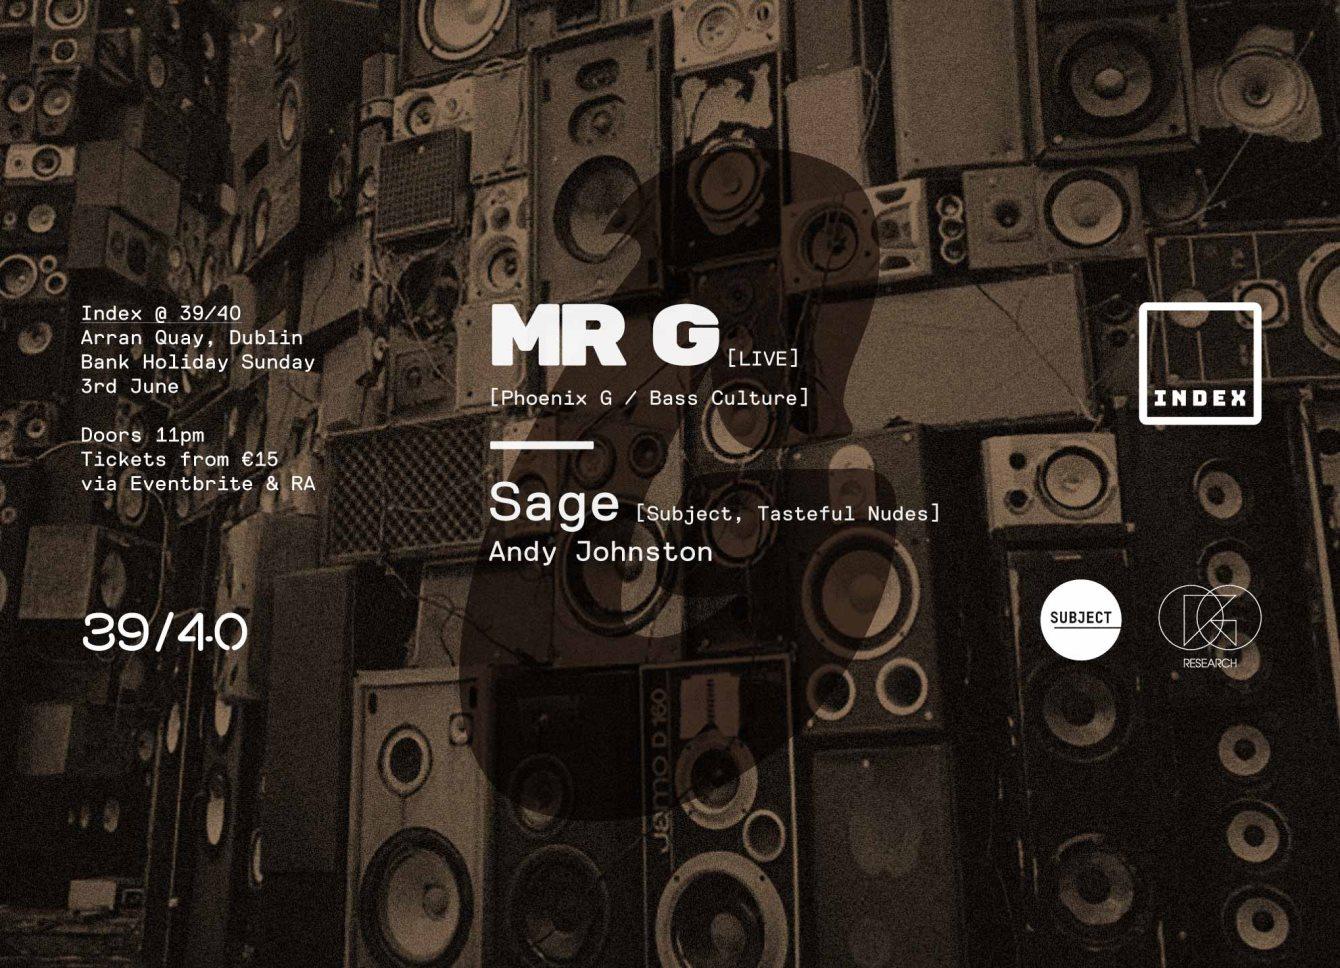 Mr.G - Live & Sage - Flyer front